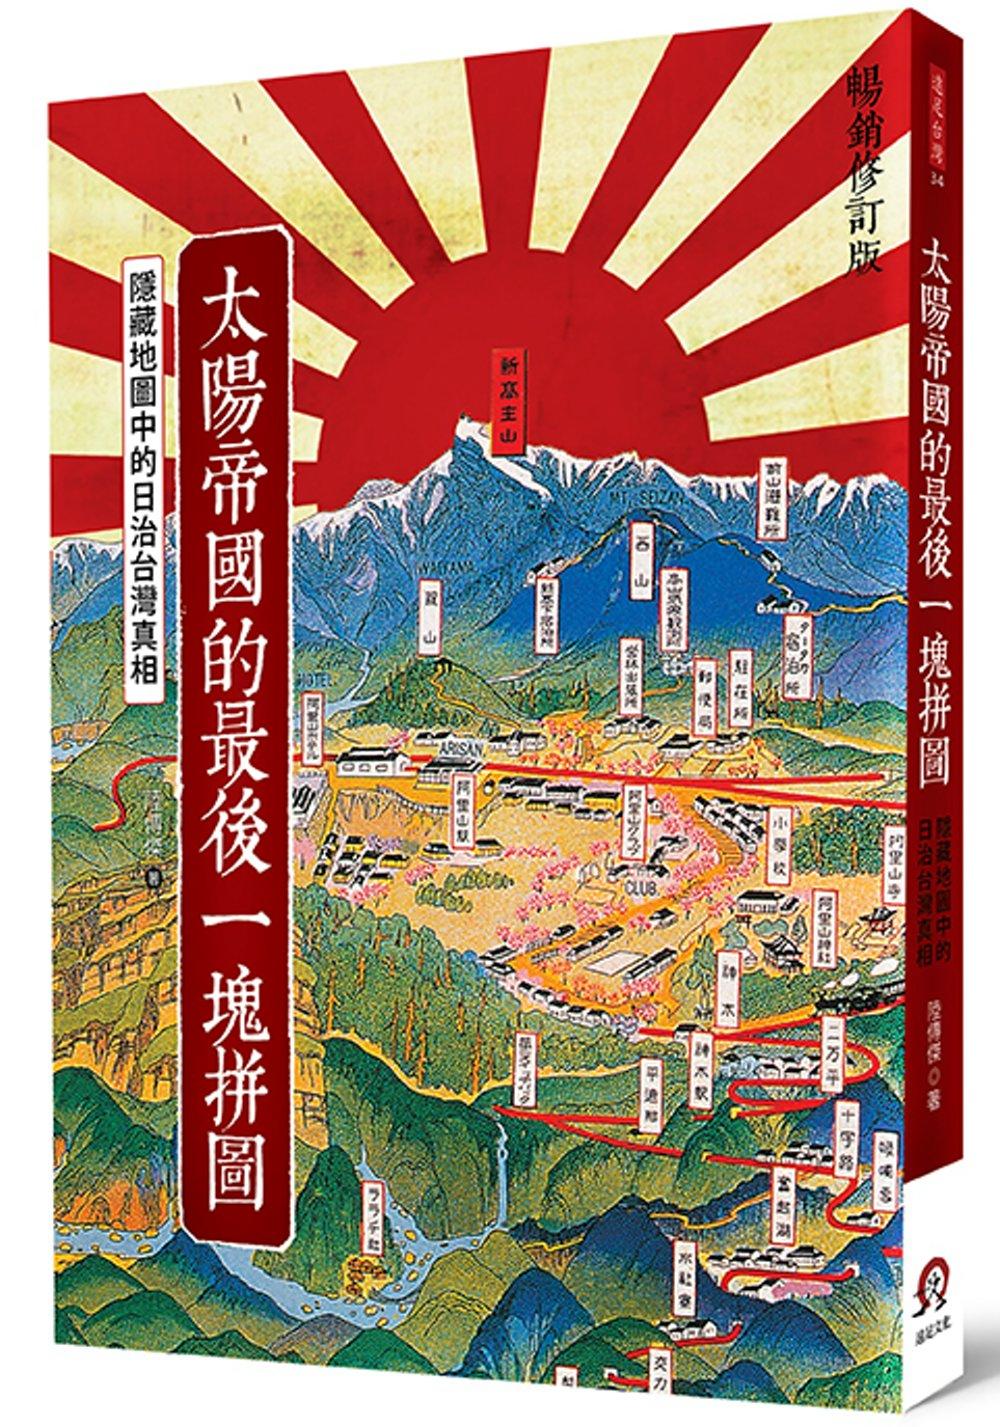 ◤博客來BOOKS◢ 暢銷書榜《推薦》太陽帝國的最後一塊拼圖:隱藏地圖中的日治台灣真相(暢銷修訂版)